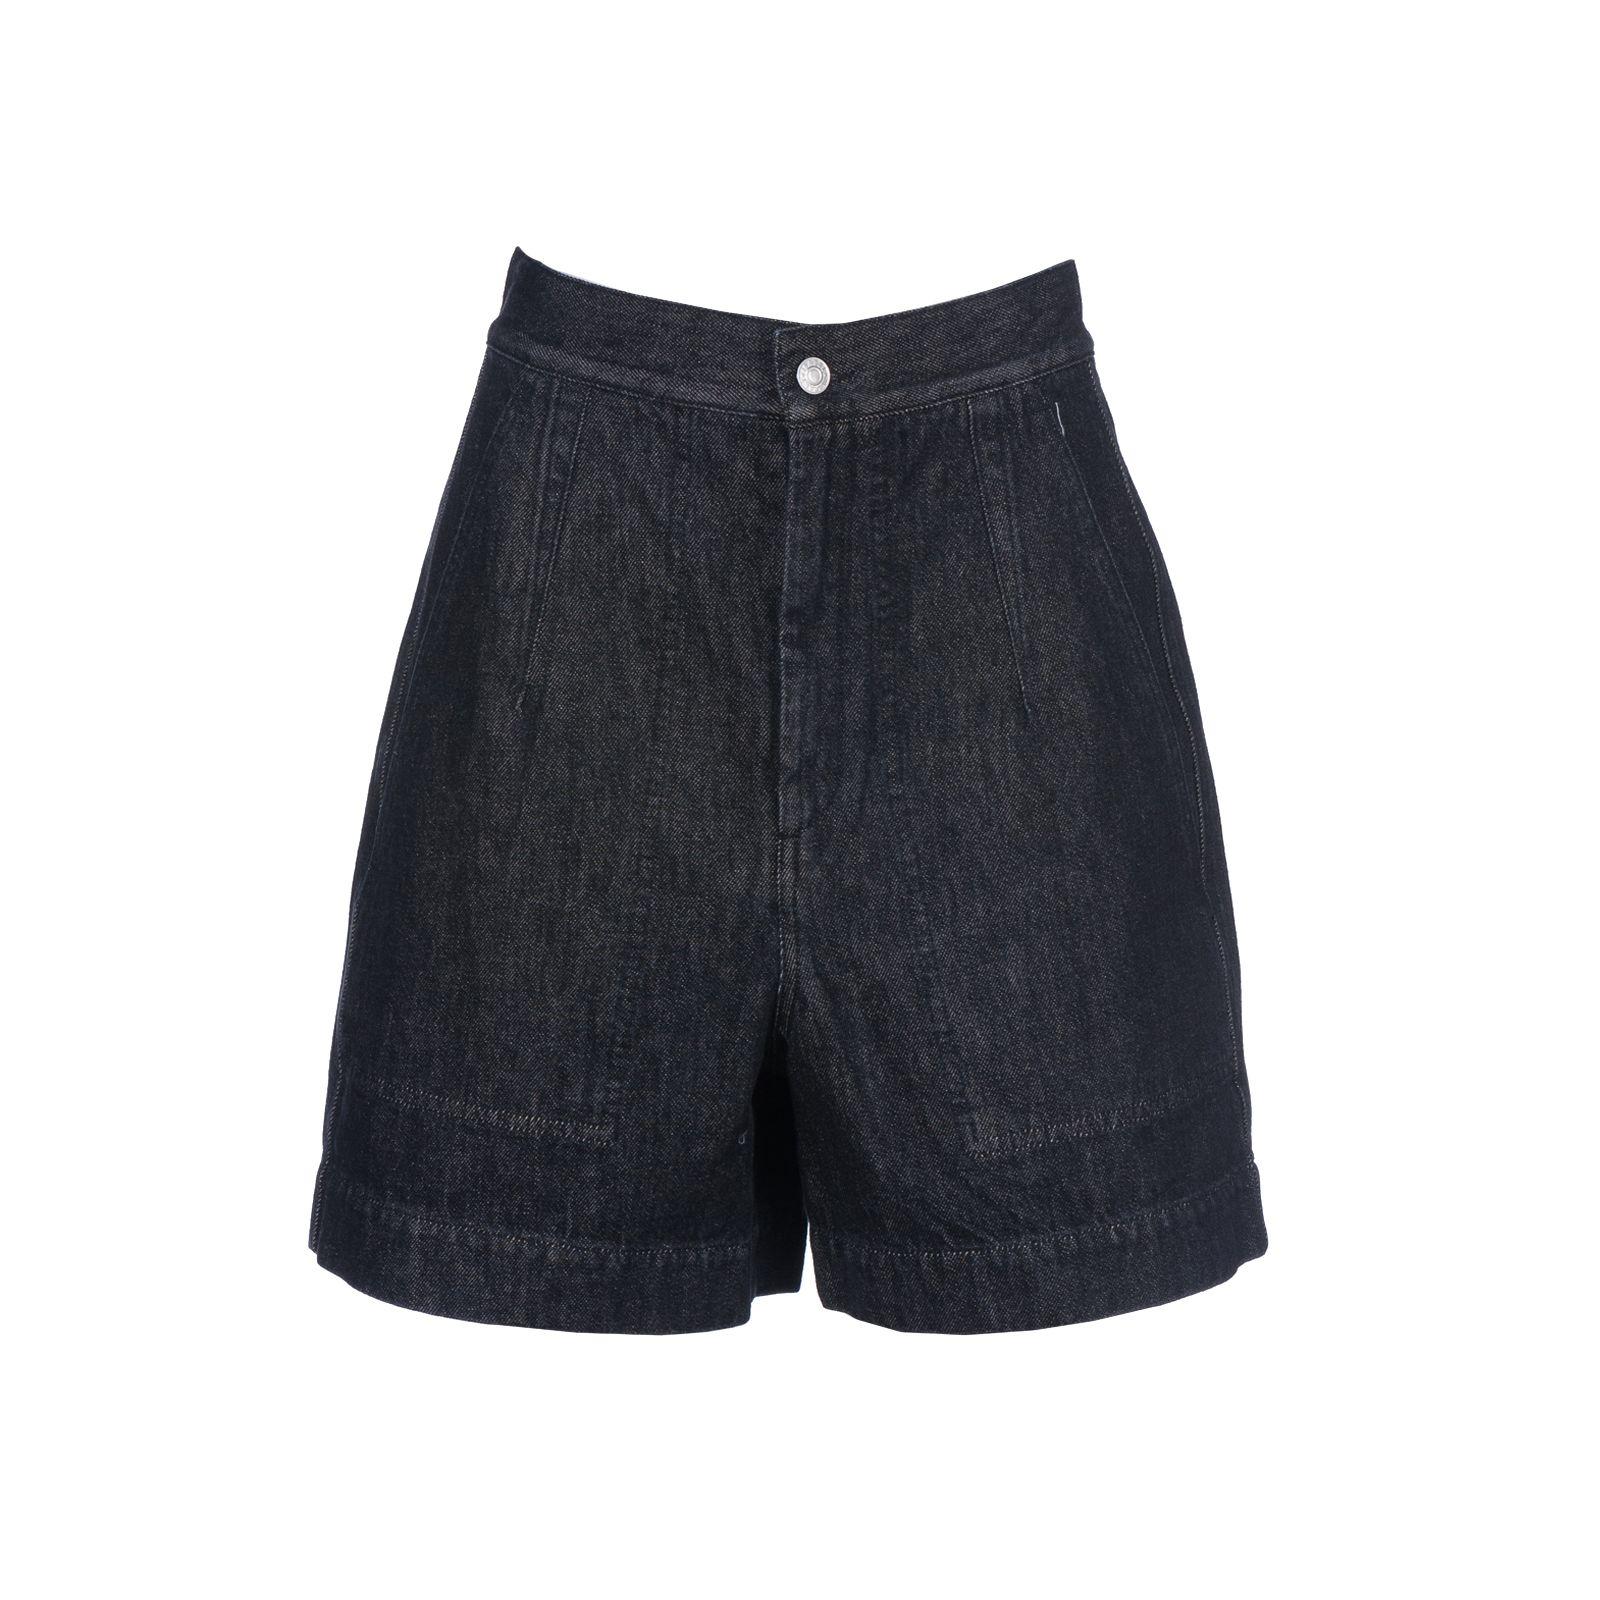 Isabel Marant Elmone Shorts